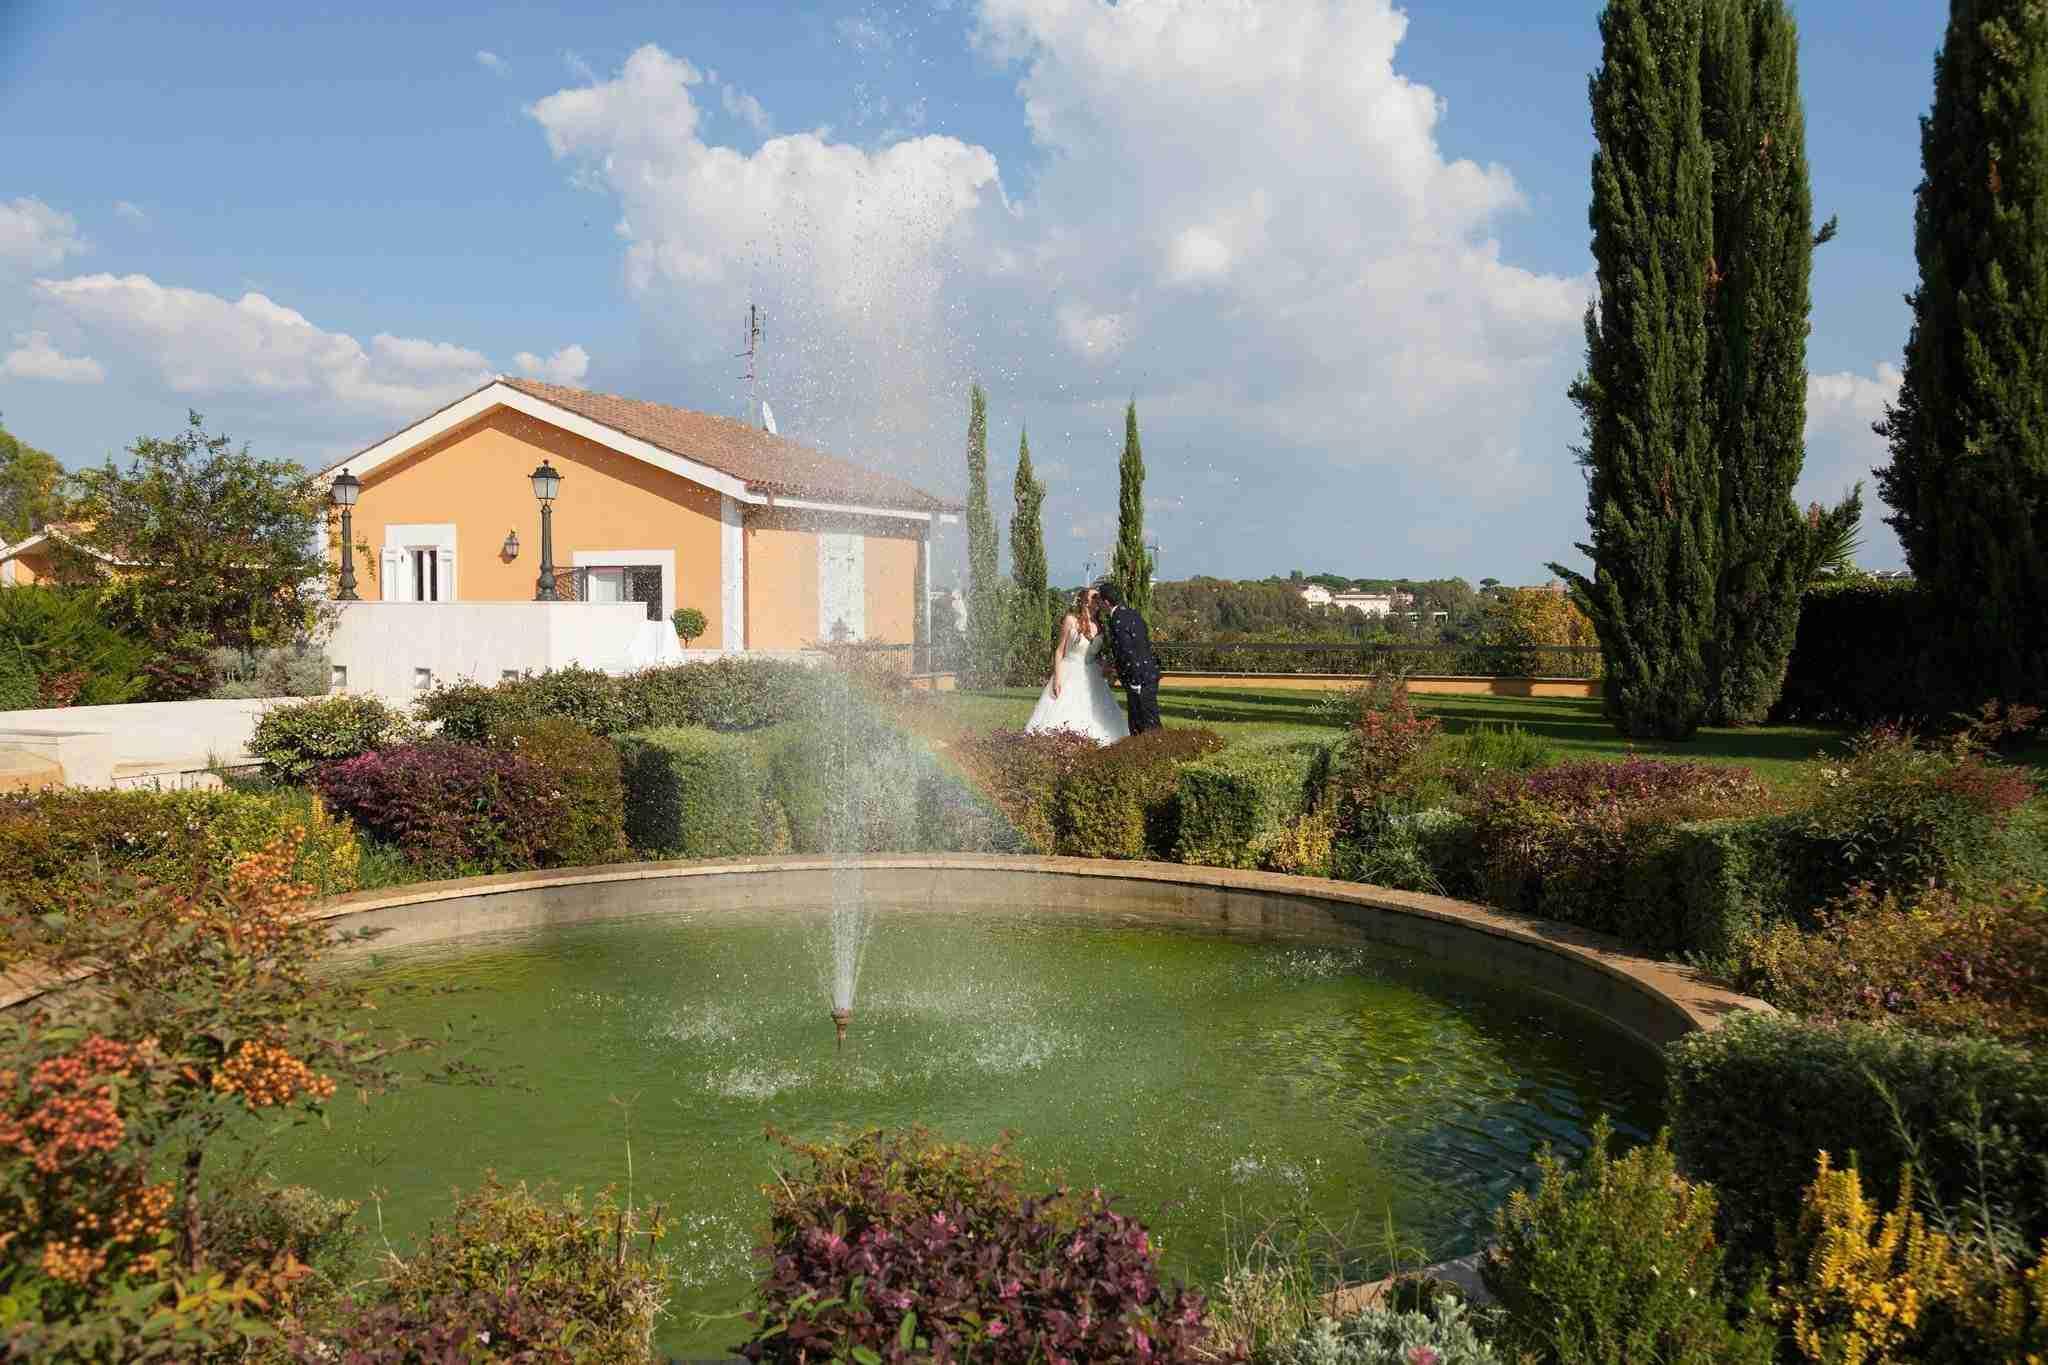 Matrimonio al Casale Realmonte: Esterno, giardino, fontana